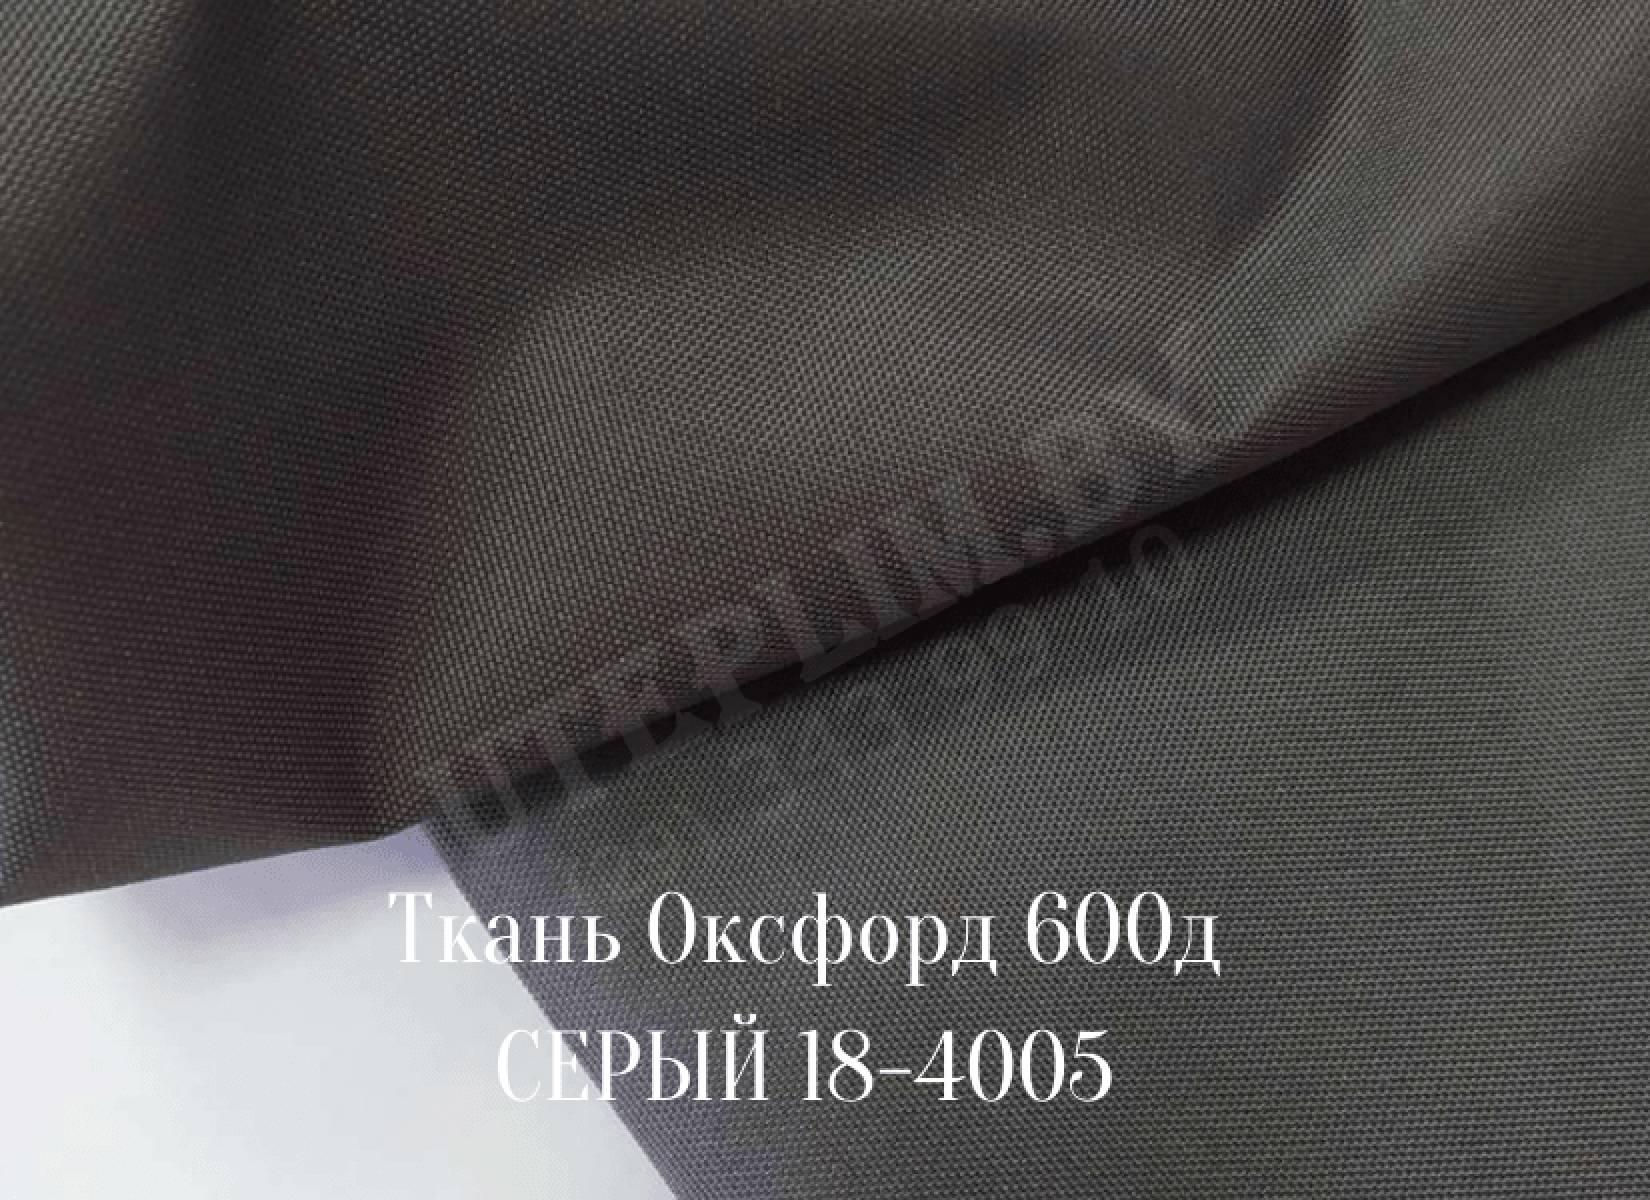 600д - серый 18-4005